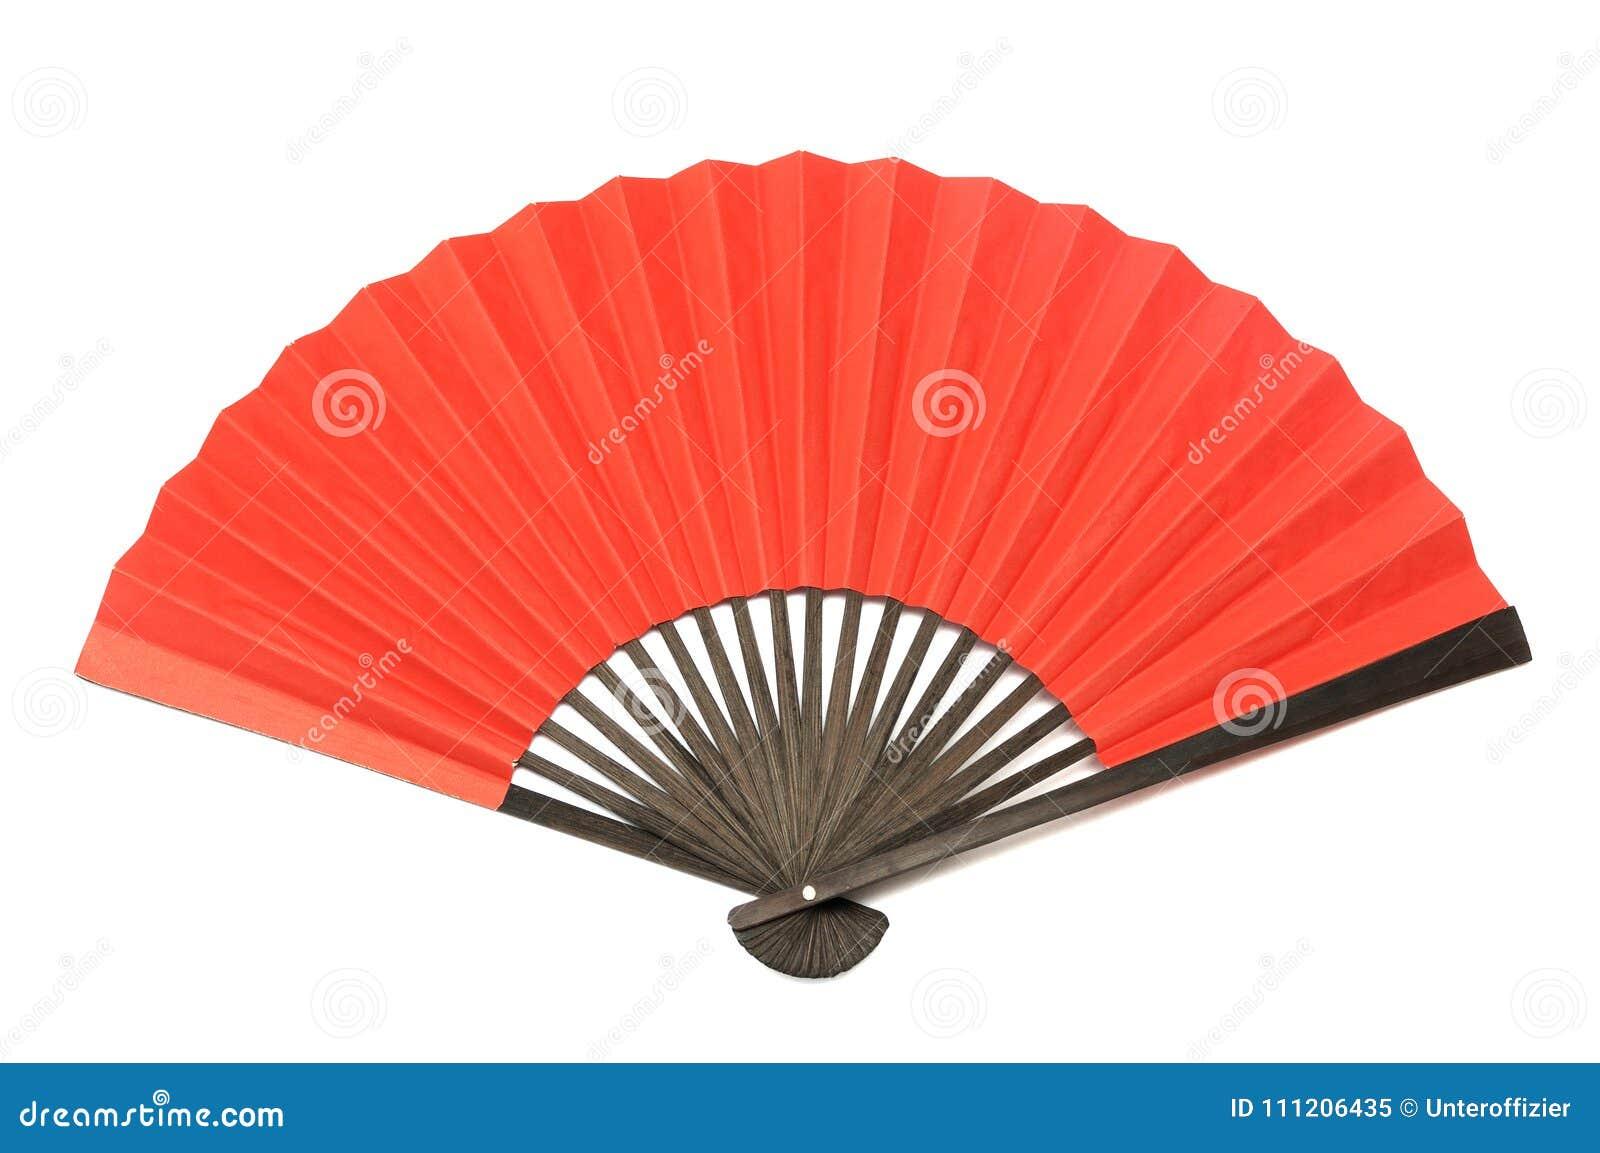 Una fan plegable roja de la mano hecha de la madera y del papel